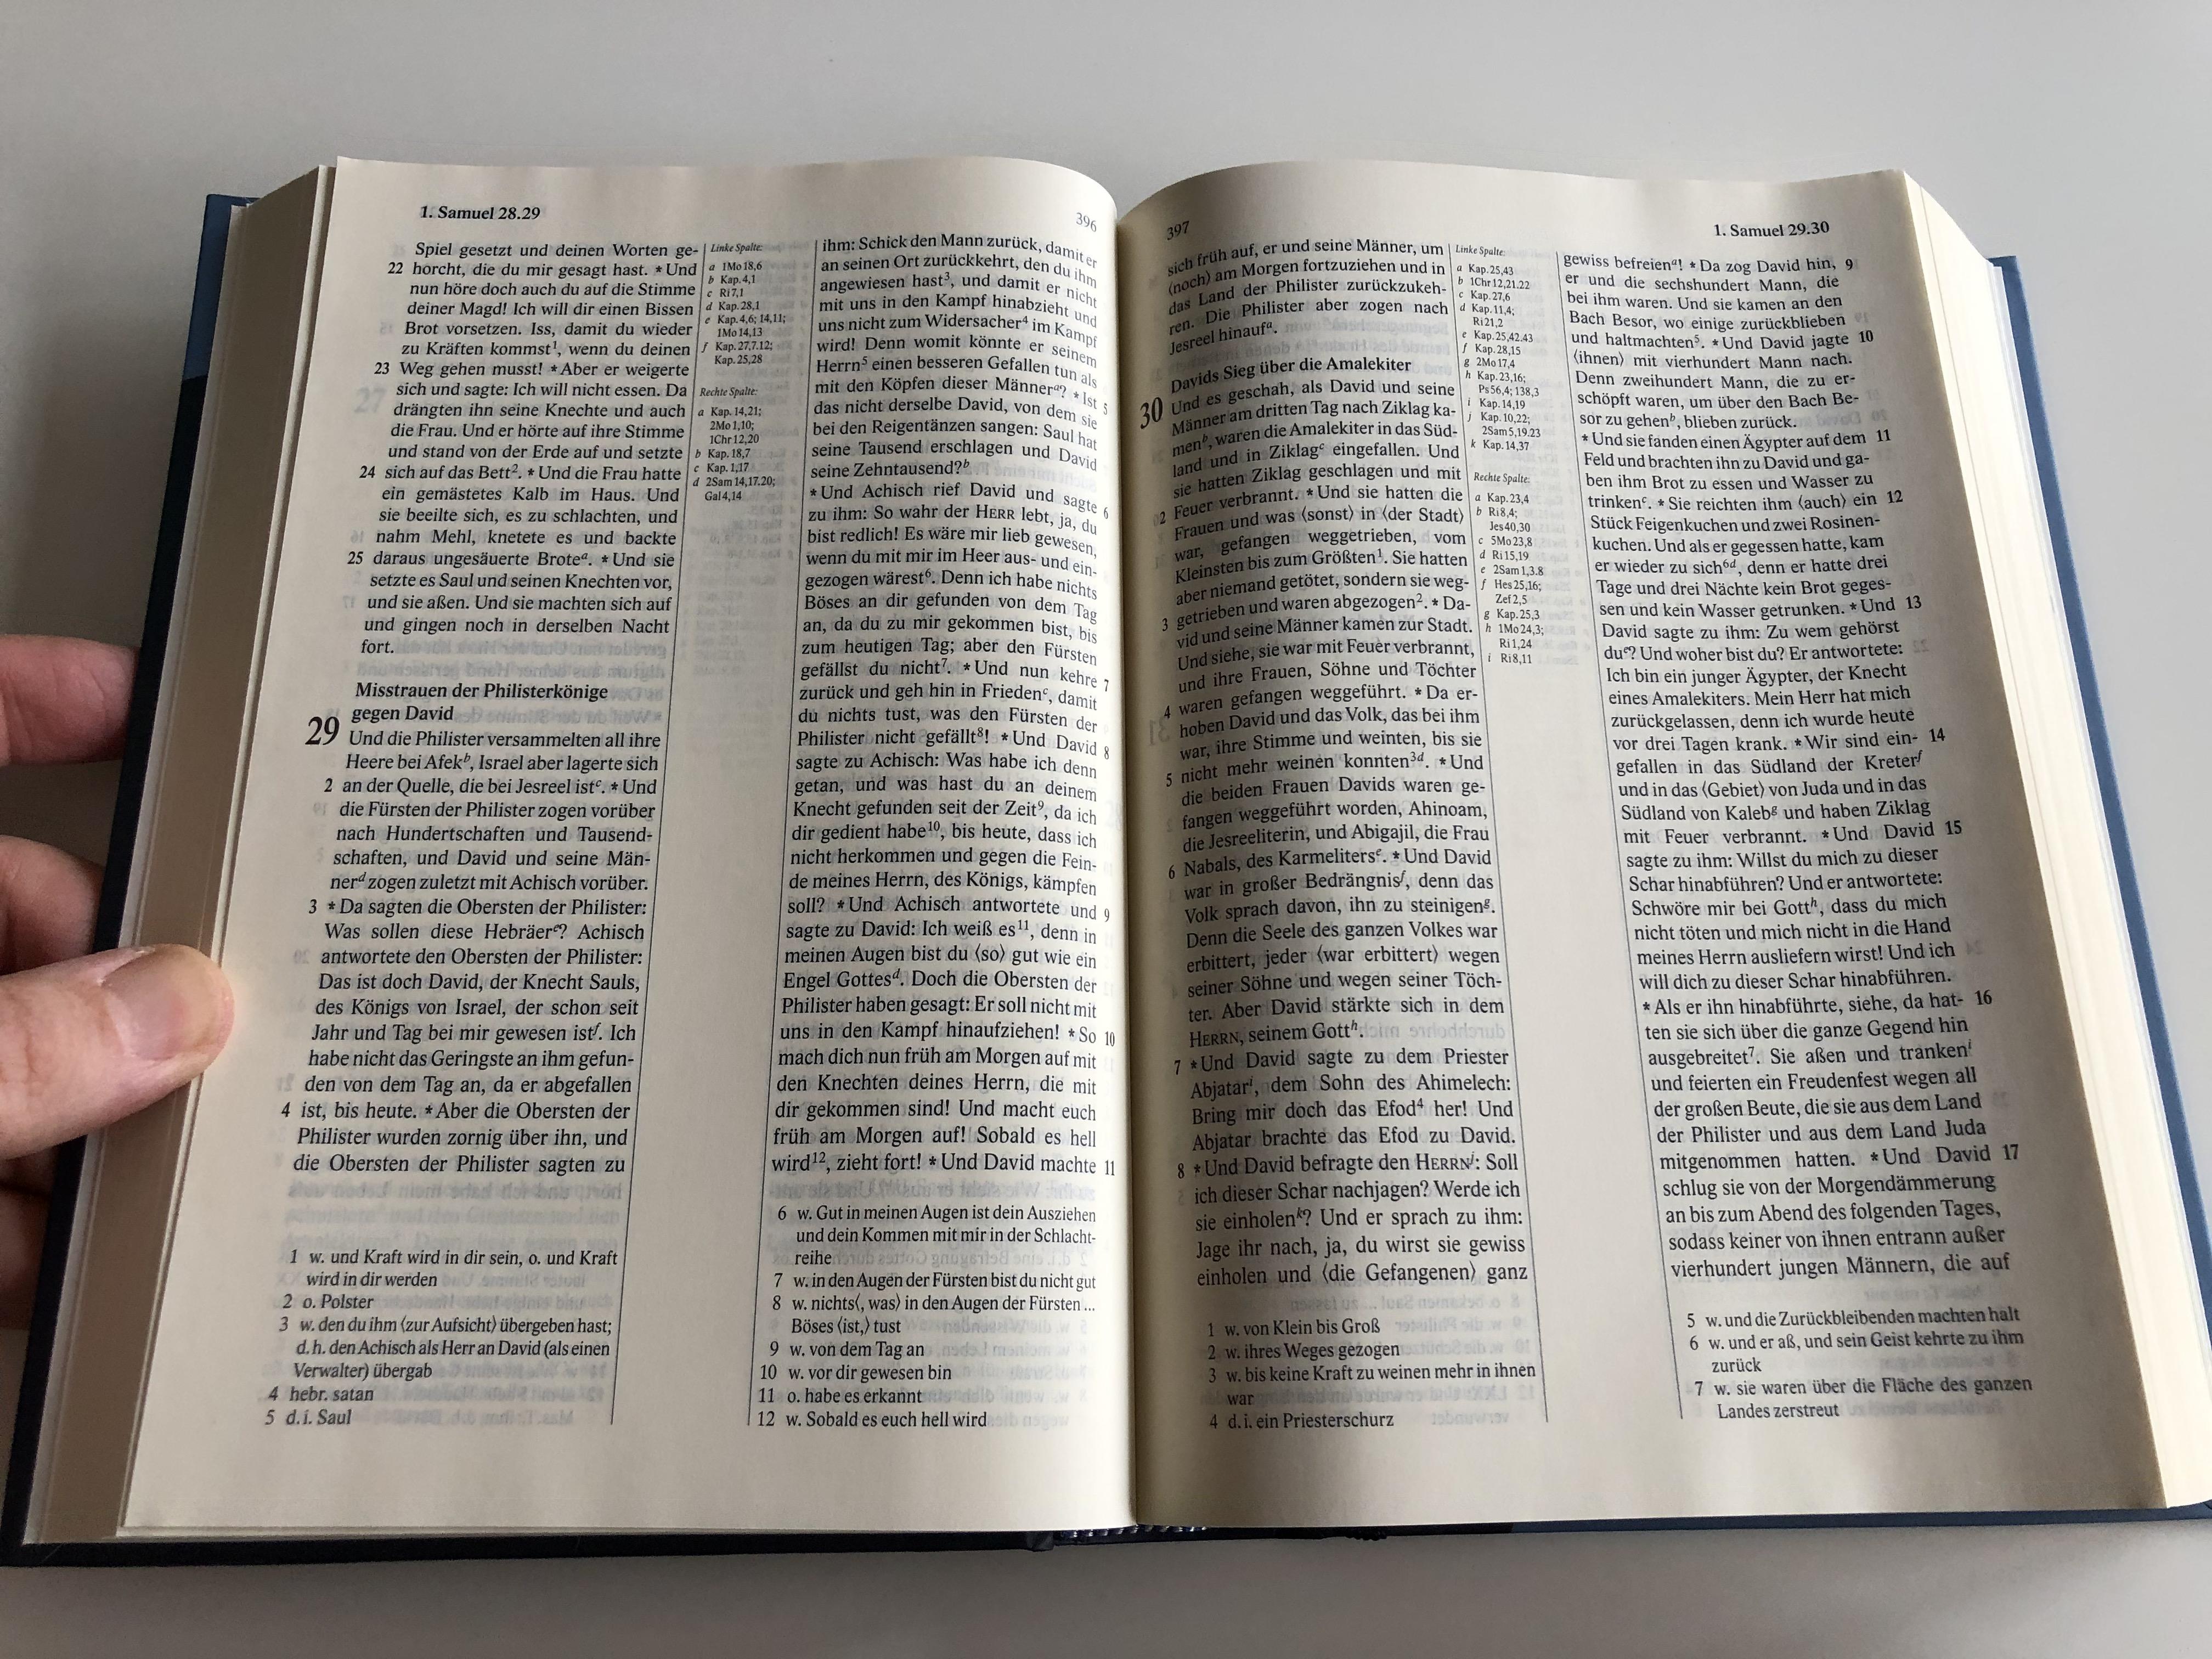 elberfelder-bibel-elberfelder-bible-in-german-language-5.jpg